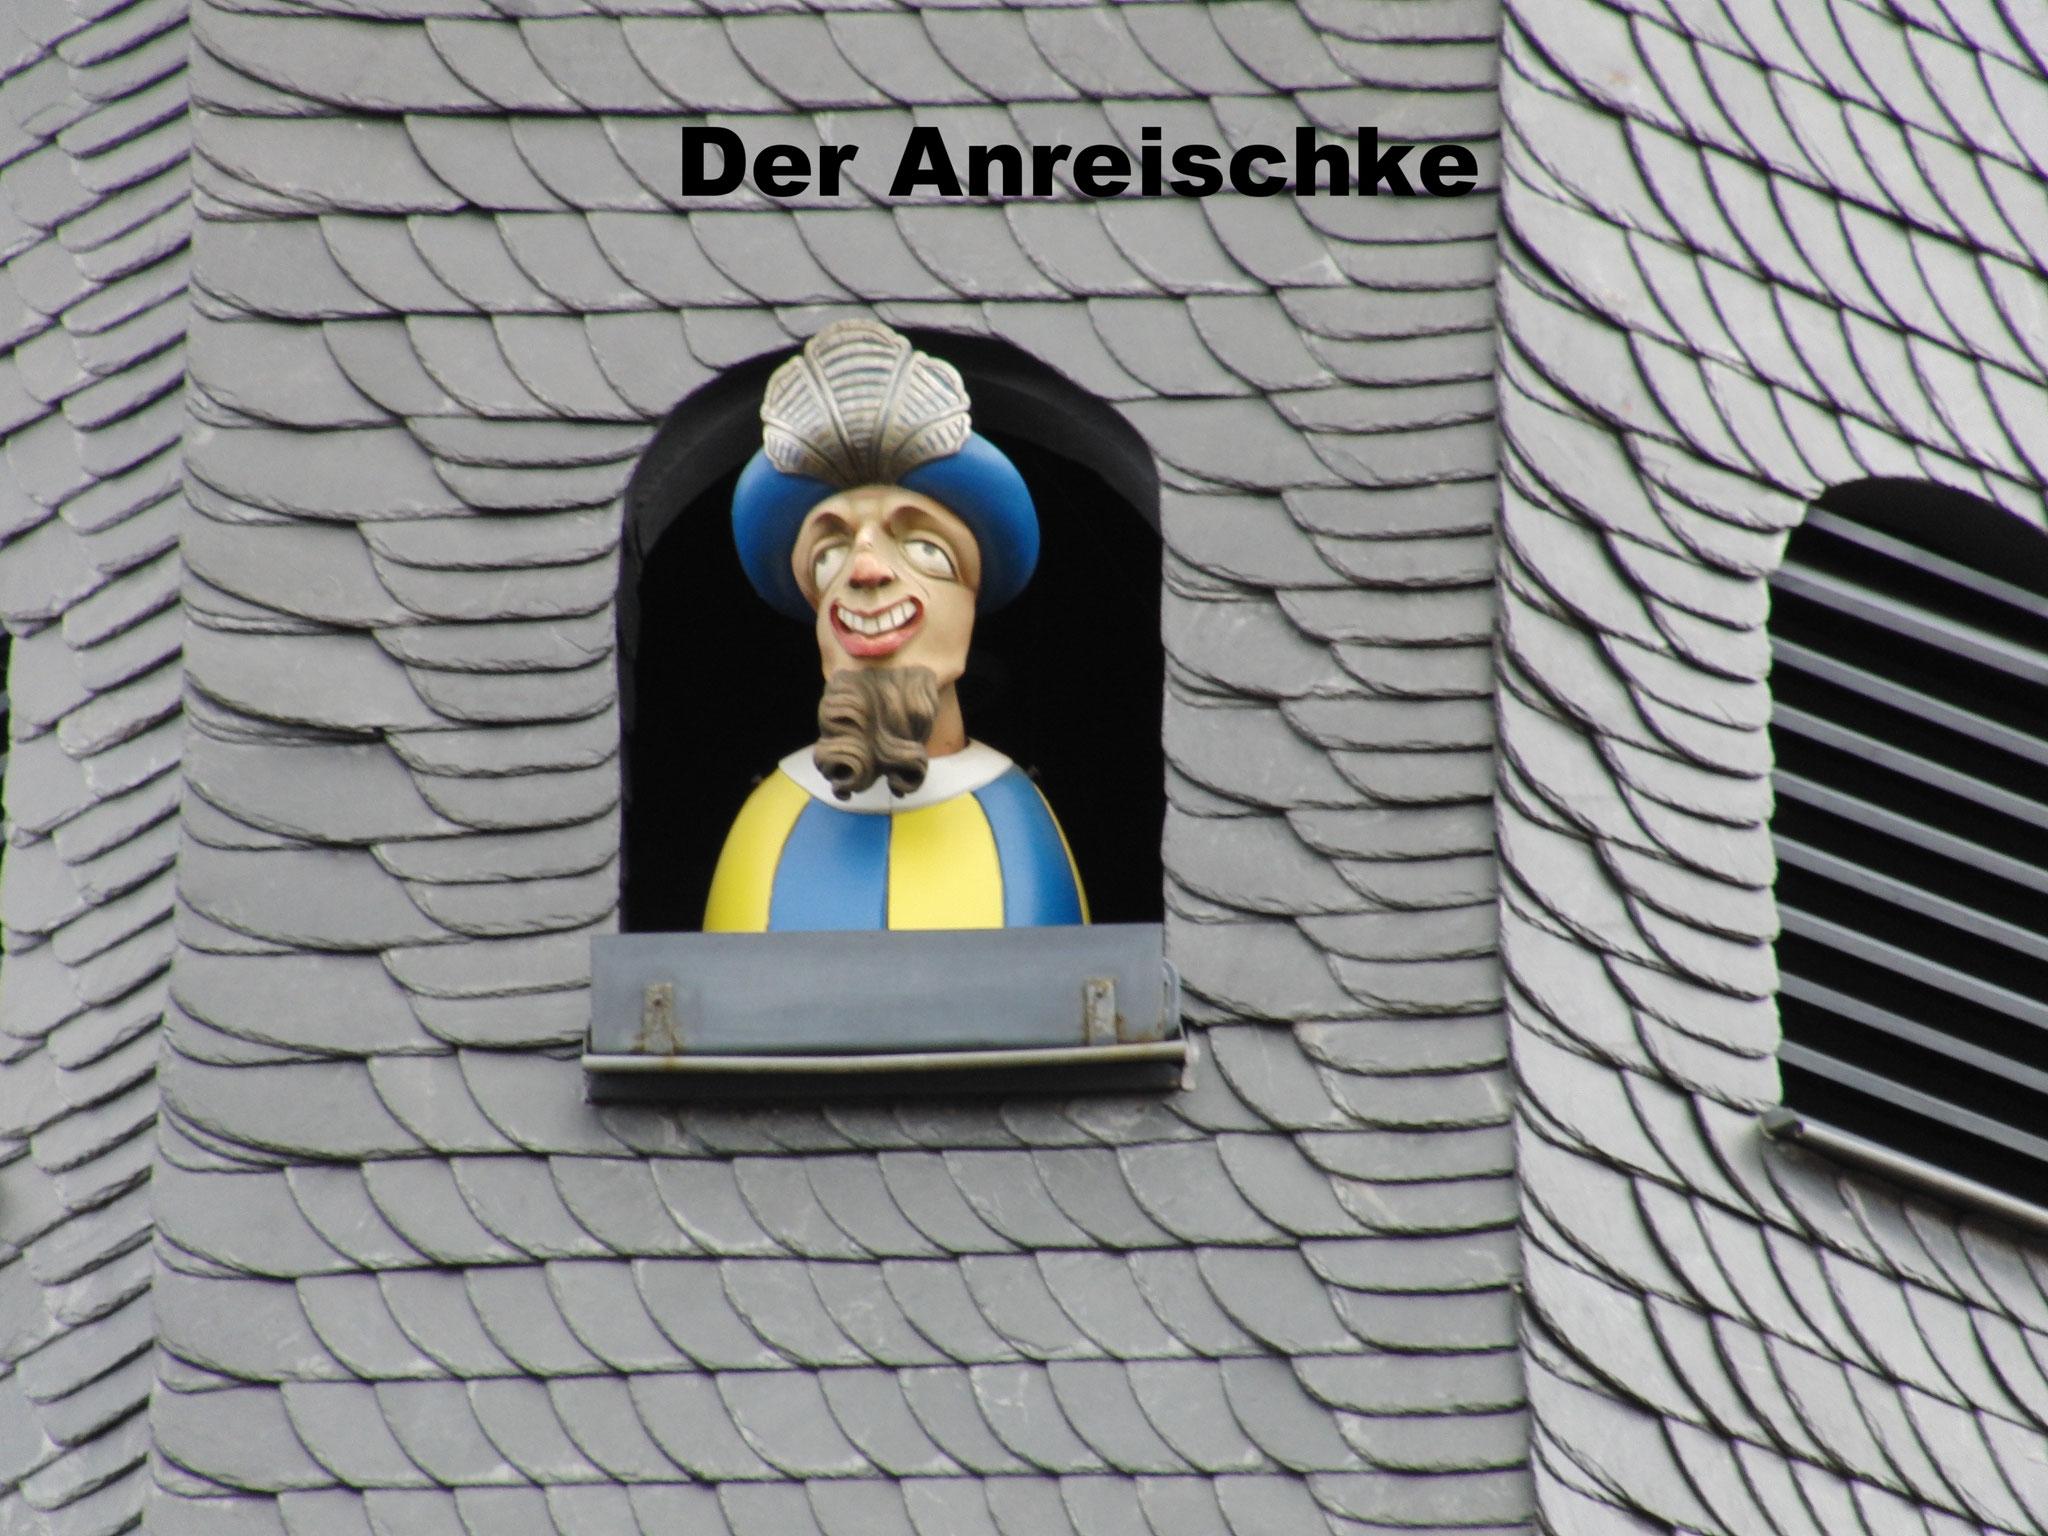 mit dem Anreischken- Glockenspiel, eines der Wahrzeichen von Duderstadt